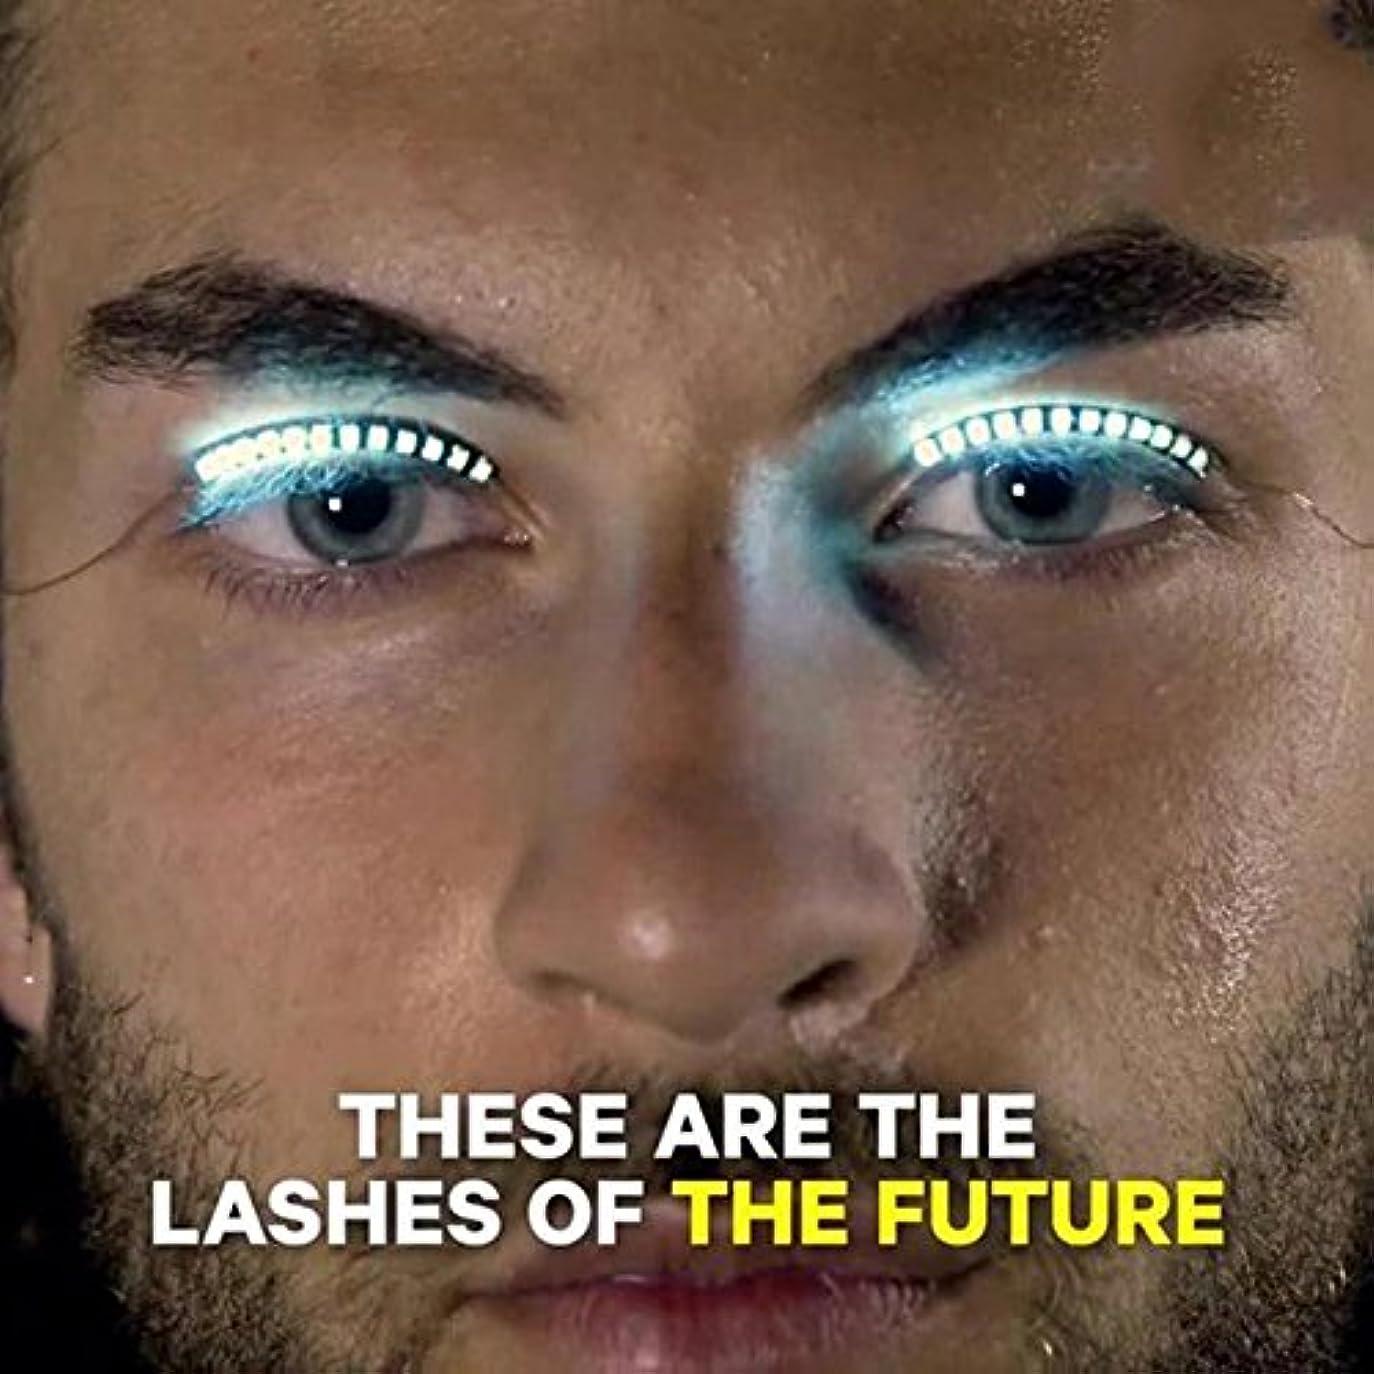 アクティビティ笑アーサーHongch 2PCSつけまつげは、ルミナスのLED 毎日のためのファッションのプロフェッショナル 防水輝きます メイクアップツール